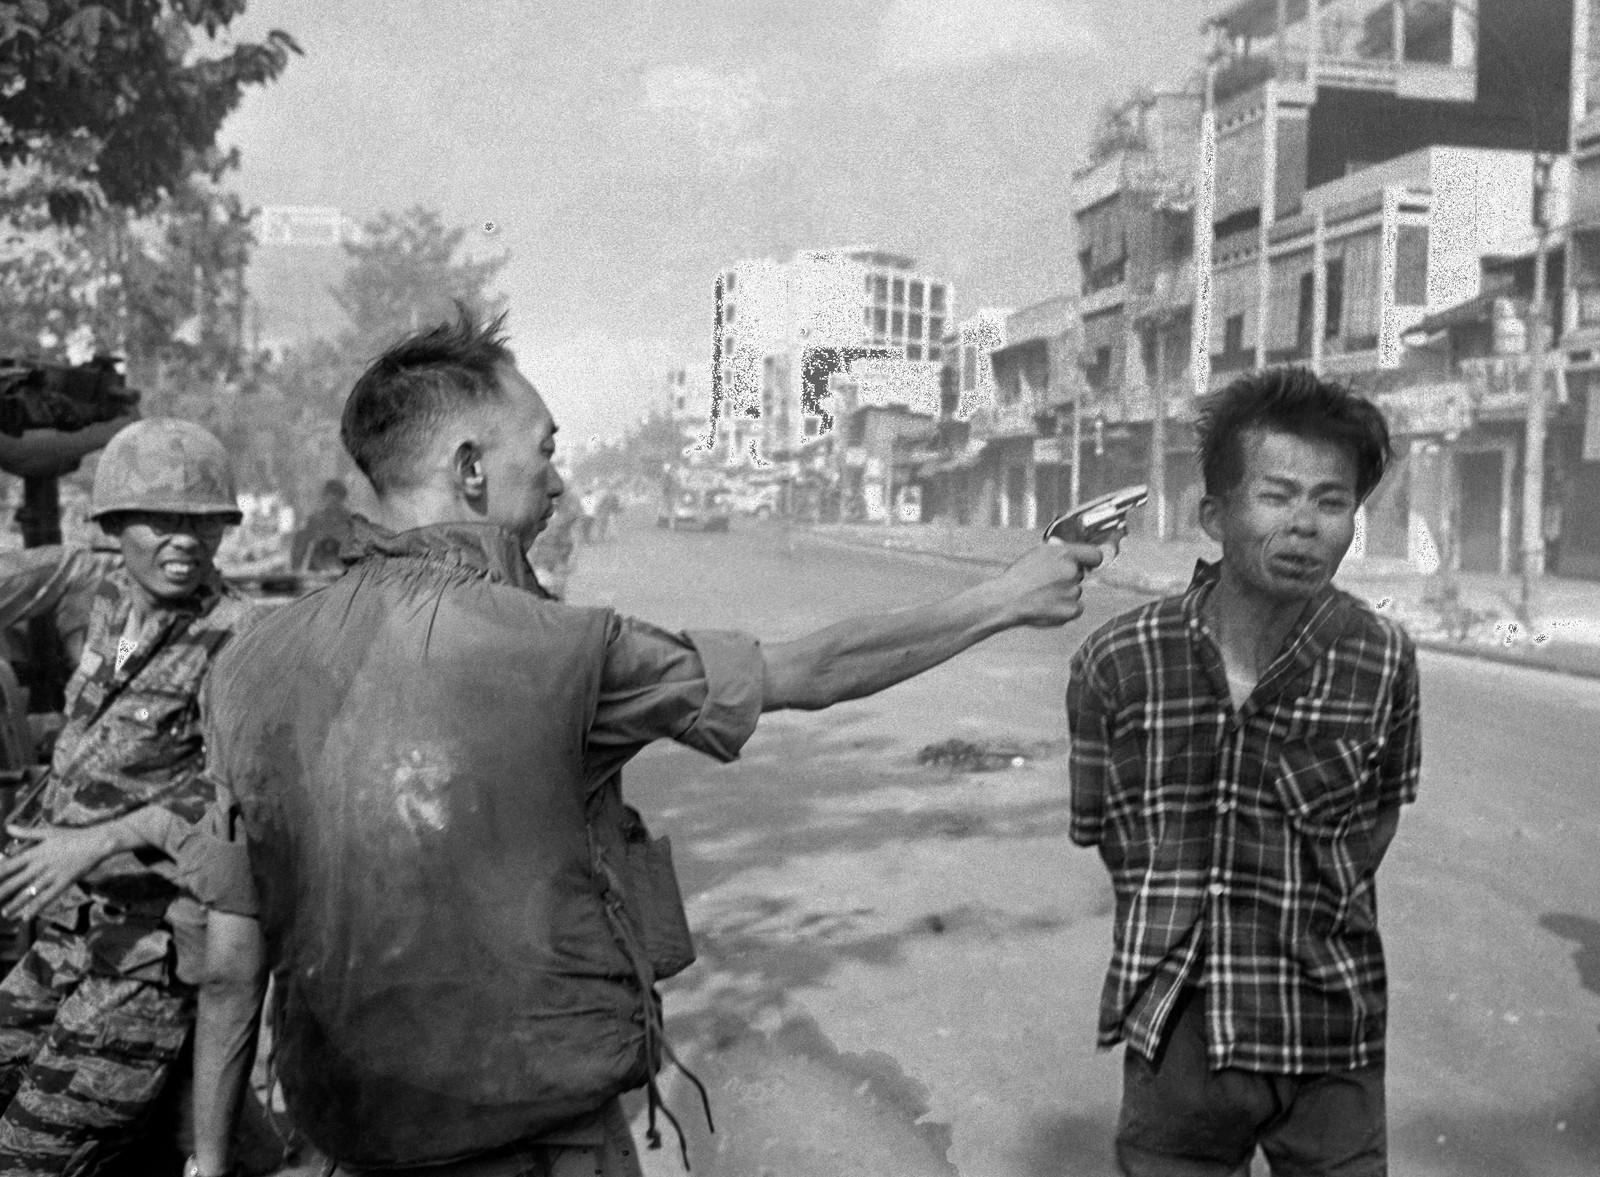 SAIGON-HENRETTELSEN: Nguyen Van Lem, mistenkt for å være med i Viet Cong, skytes i hodet på åpen gate i Saigon i 1968.